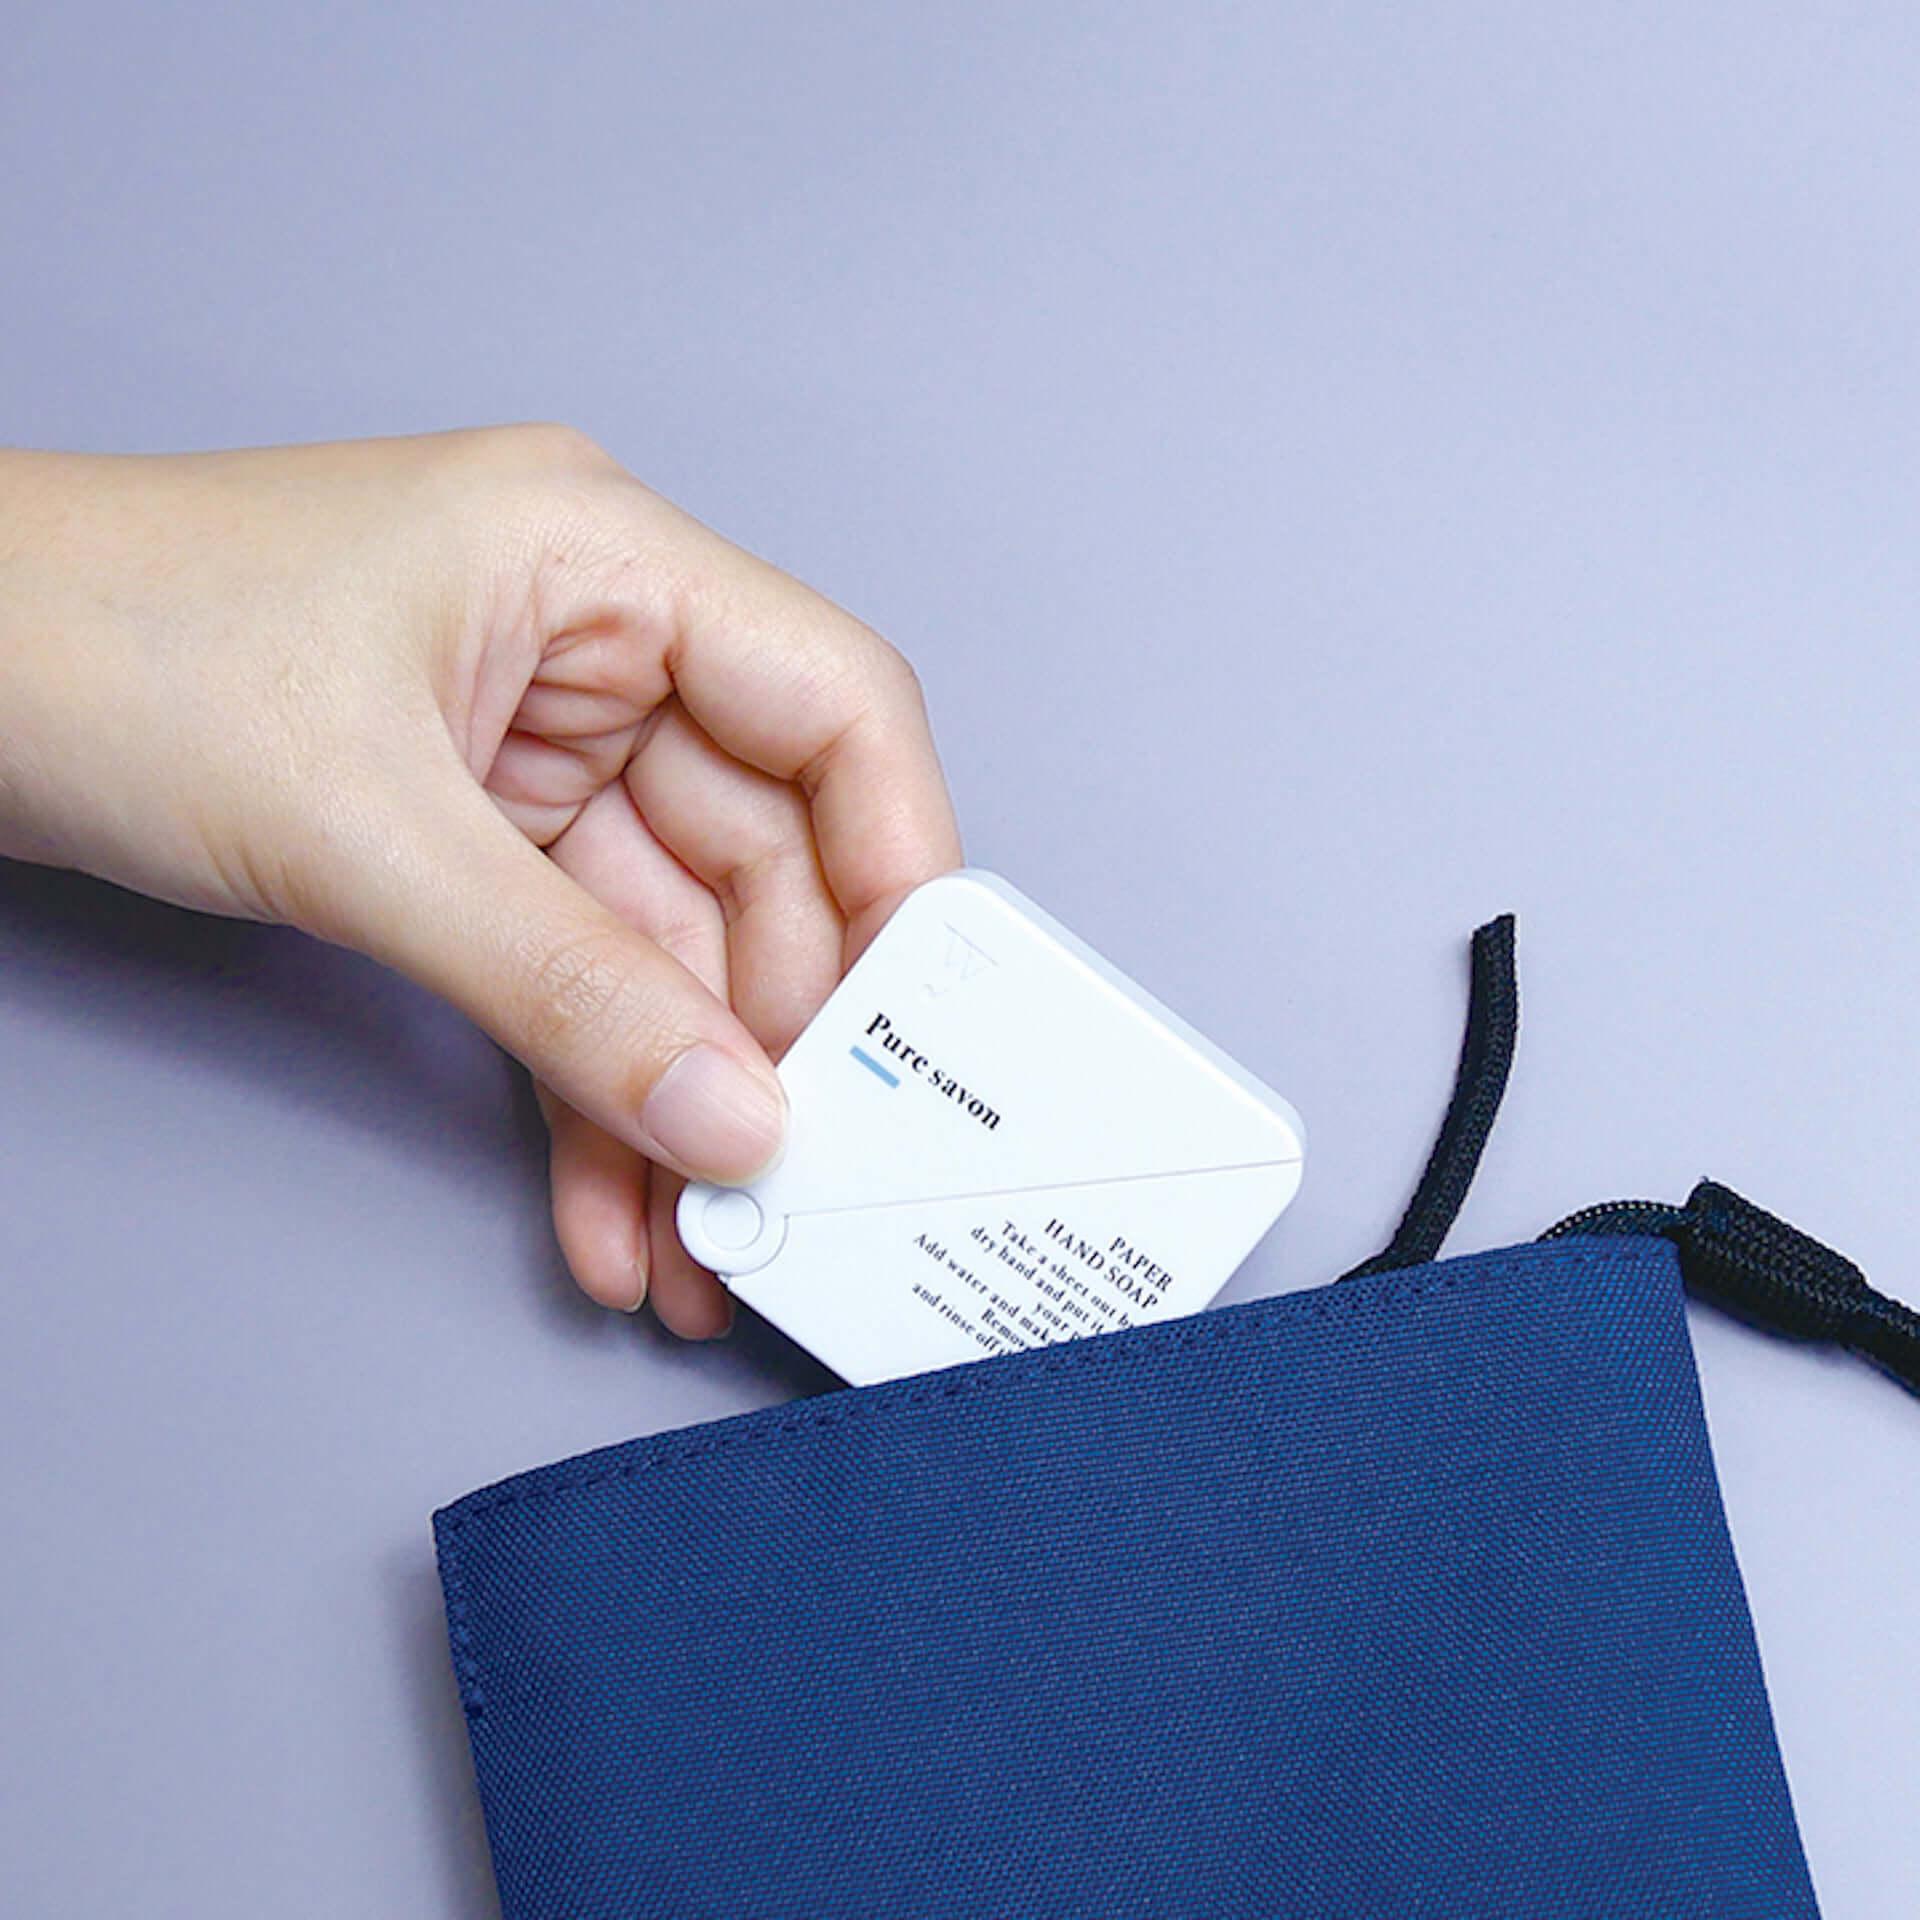 健康管理もスタイリッシュに!携帯型紙せっけん『WASHNY paper handsoap』が新発売 art200925_washny_1-1920x1920